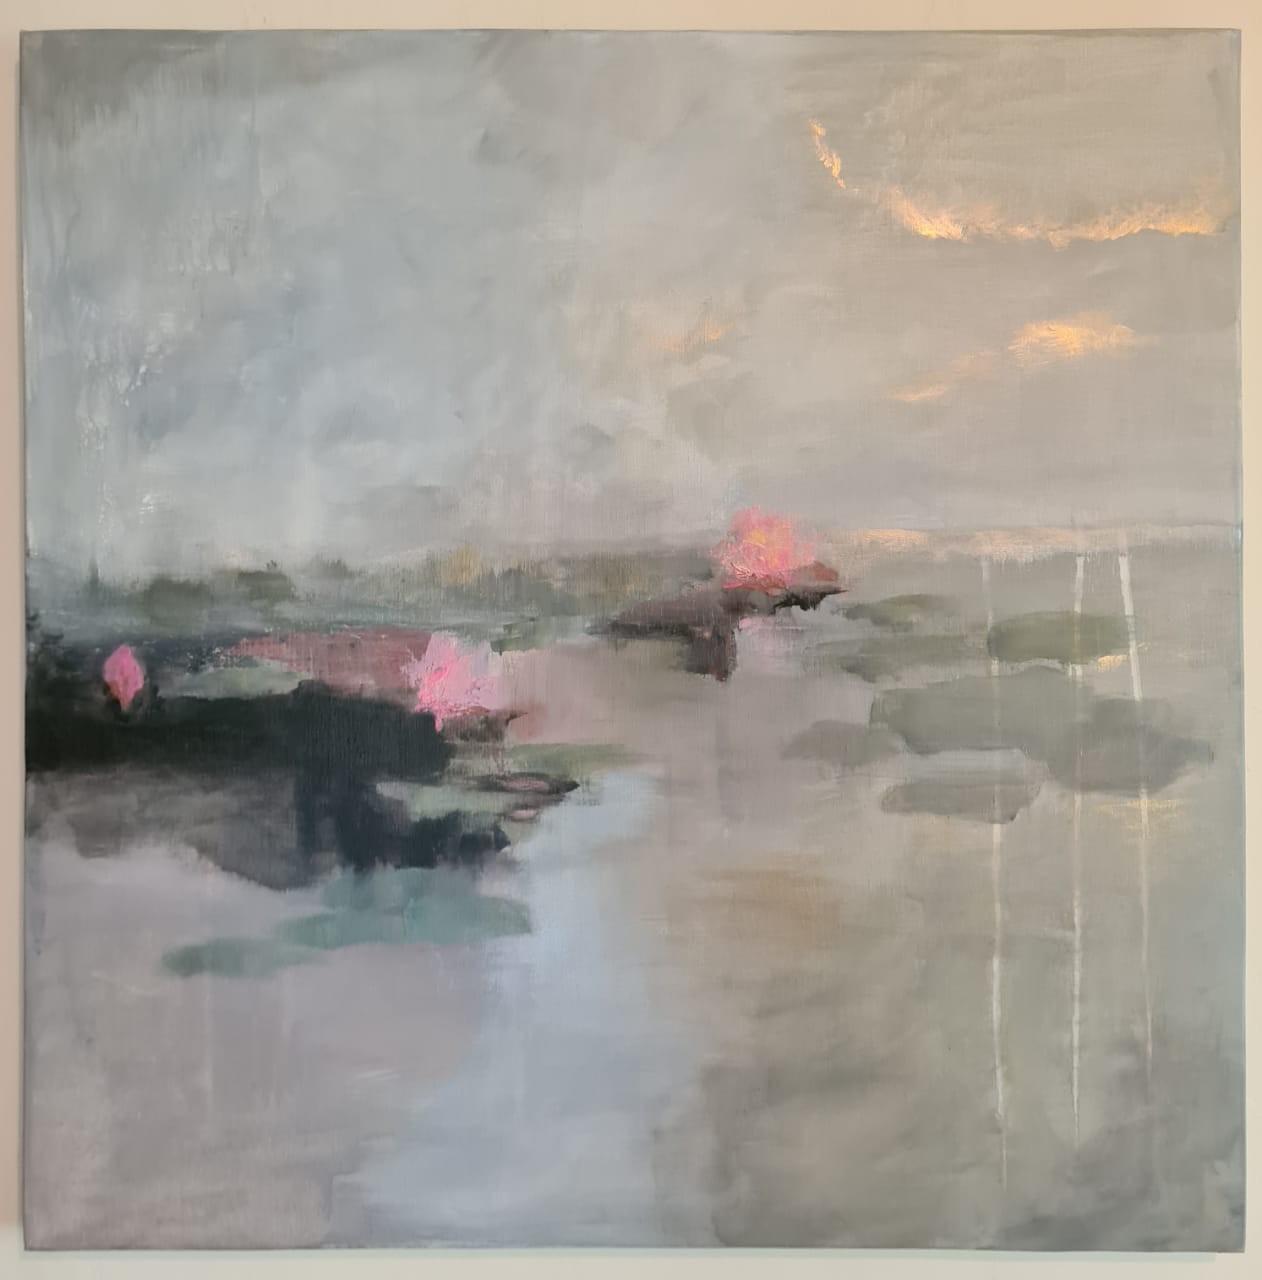 Reflection by Jean wijesekera